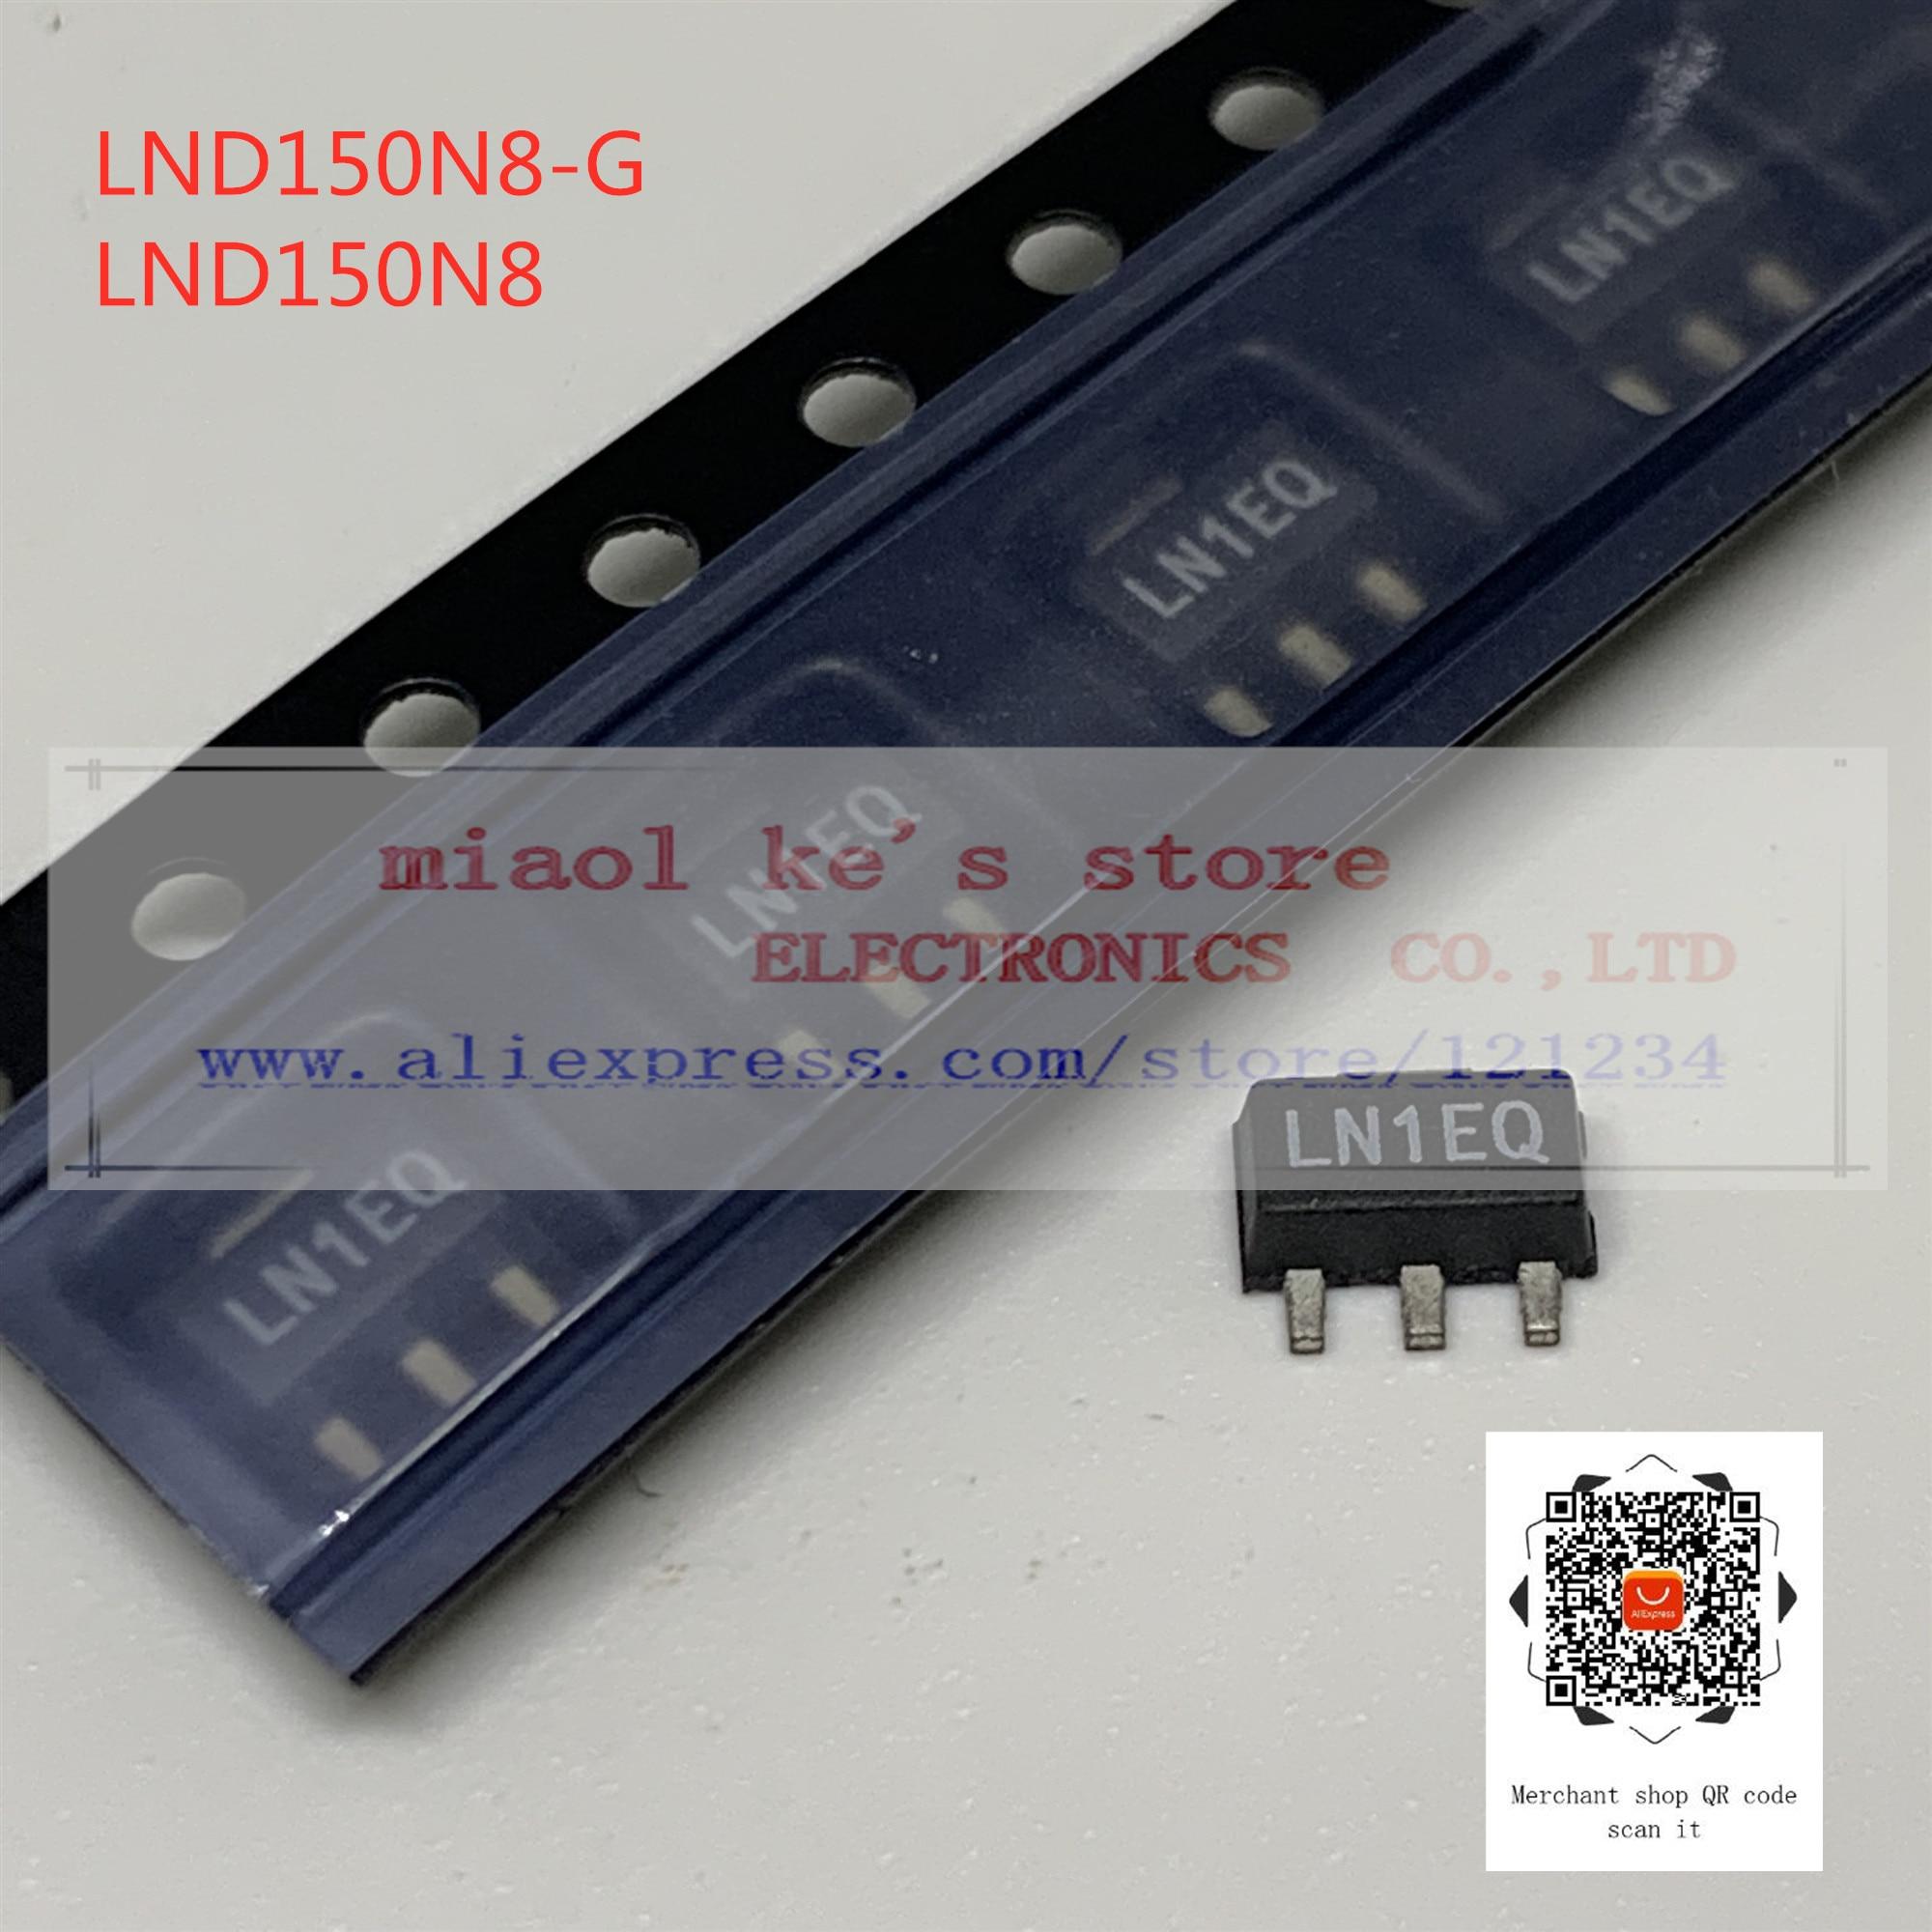 [5pcs/1lot or 10pcs/1lot]100%New original; LND150N8-G LND150N8 - MOSFET N-Channel 500V 30MA(Tj) 1.6W(Ta) SOT89-3/TO-243AA